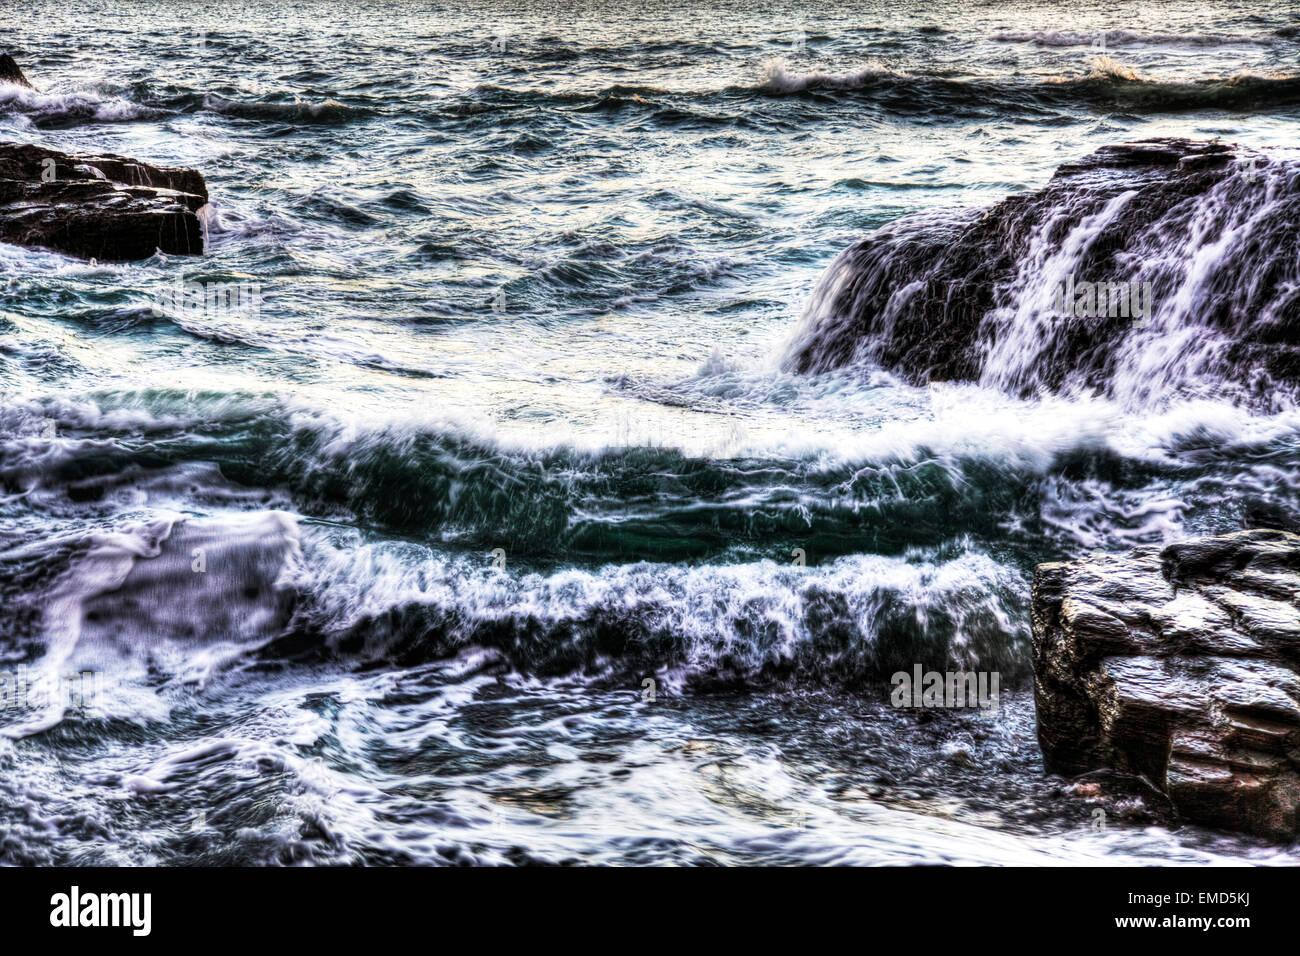 Cornovaglia mare mosso mare costa della Cornovaglia maree di marea costiere REGNO UNITO Inghilterra Foto Stock